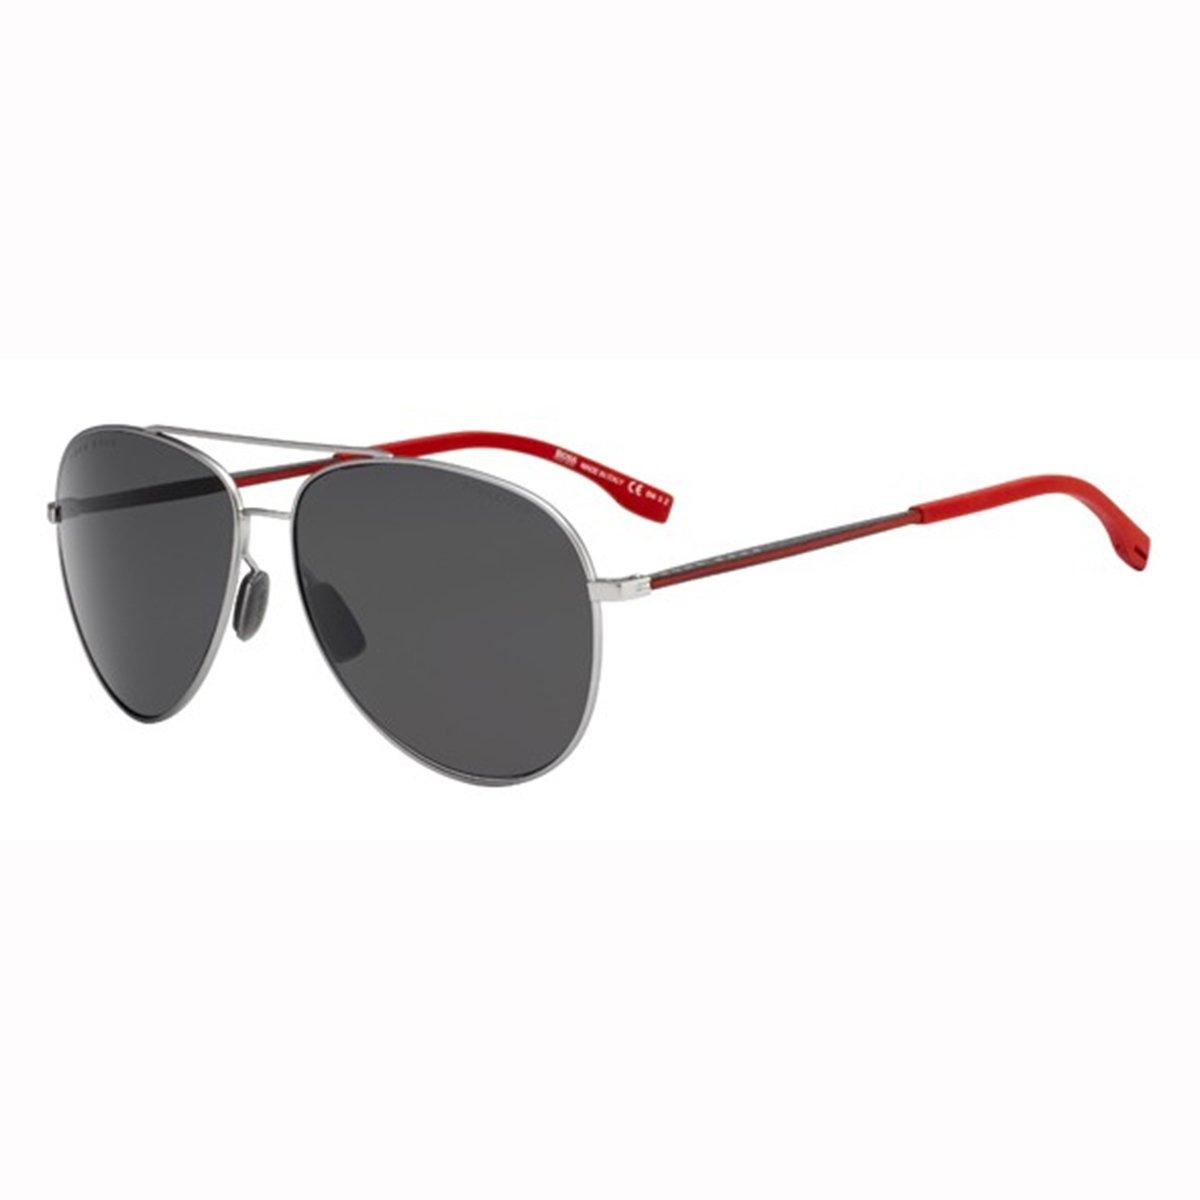 d9bb3abf46bb3 Compre Óculos de Sol Hugo Boss em 10X   Tri-Jóia Shop